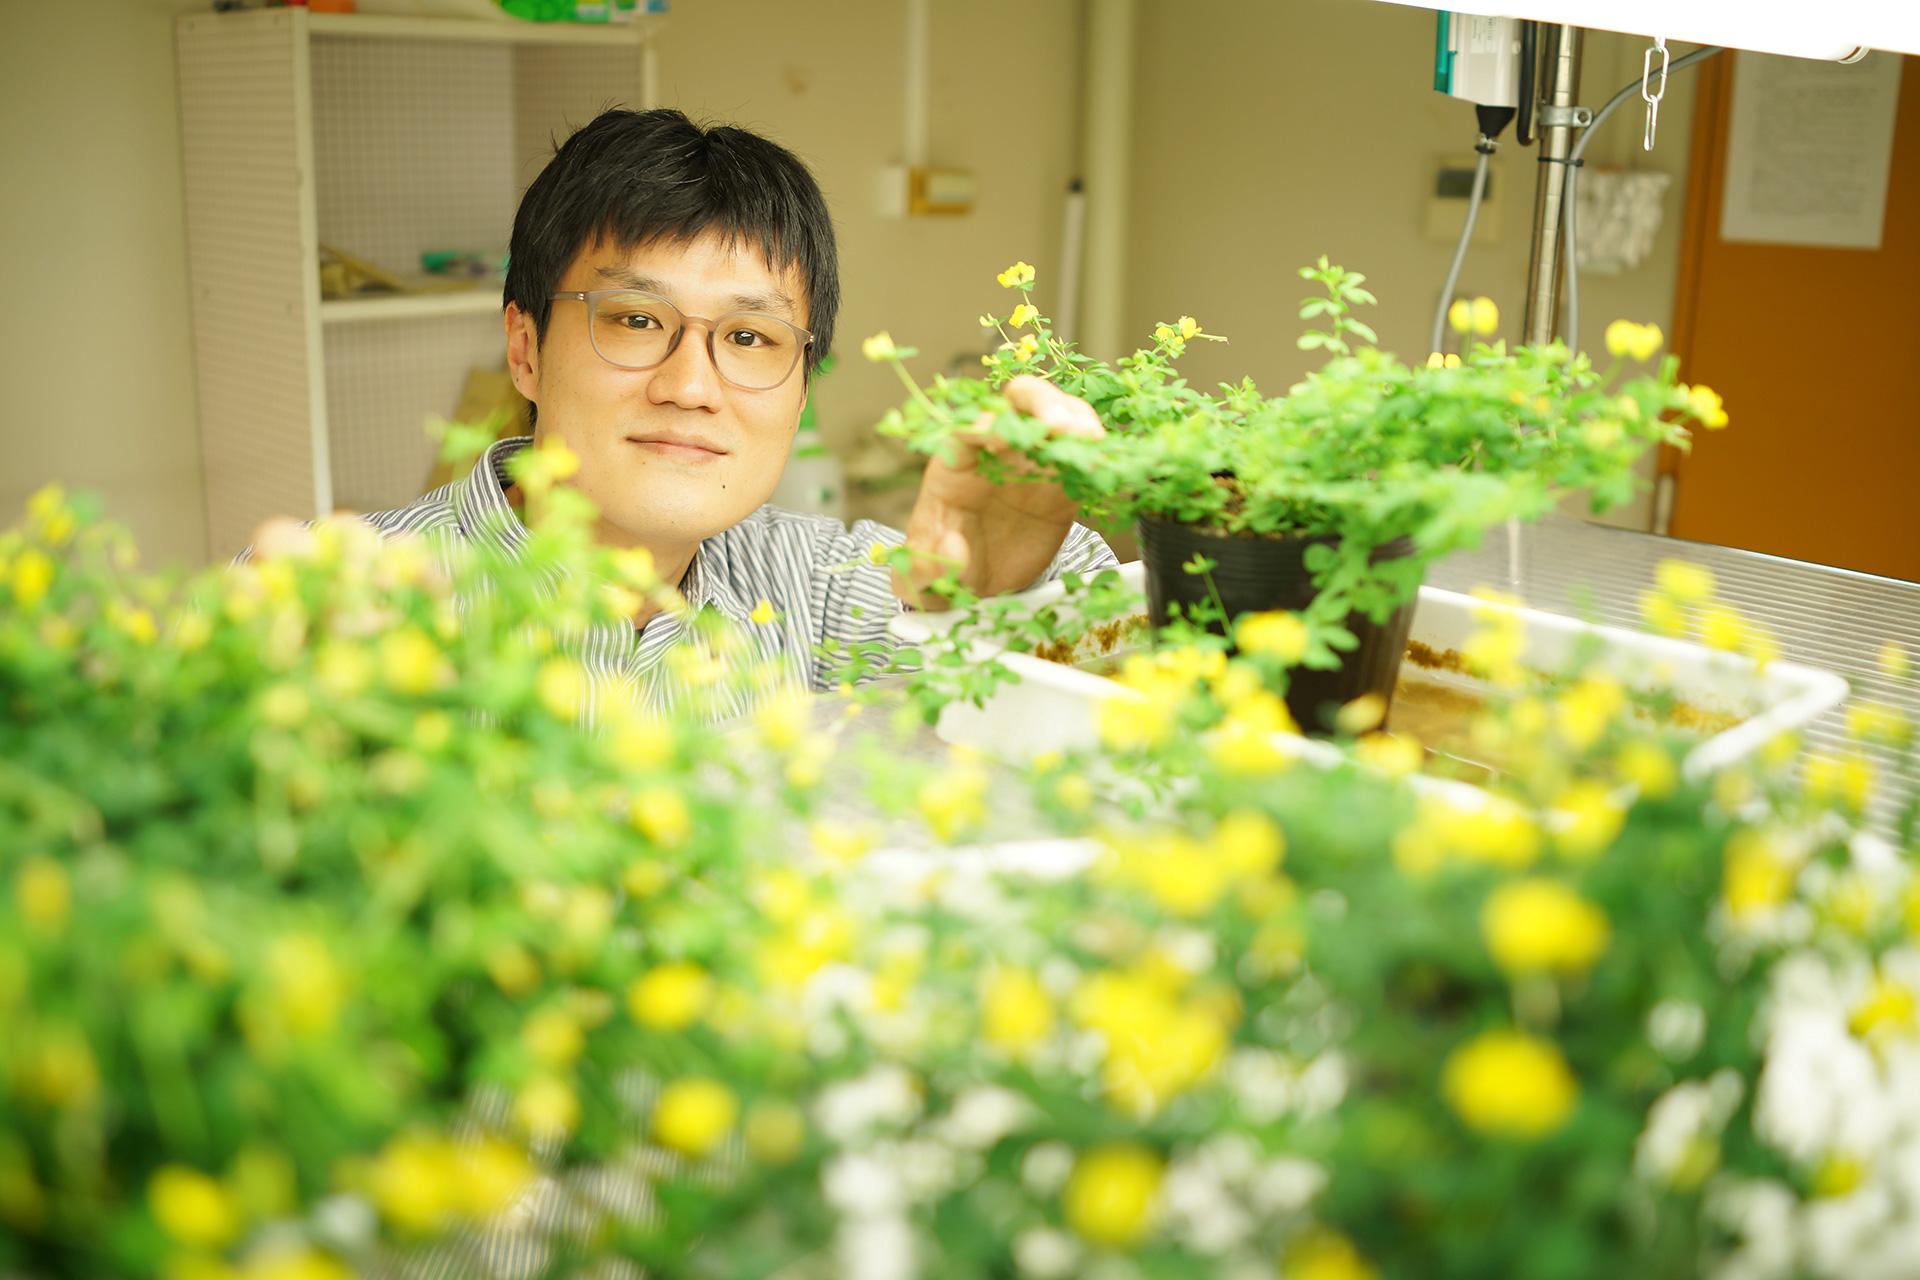 微生物との共生をヒントに植物の環境適応の仕組みを理解する